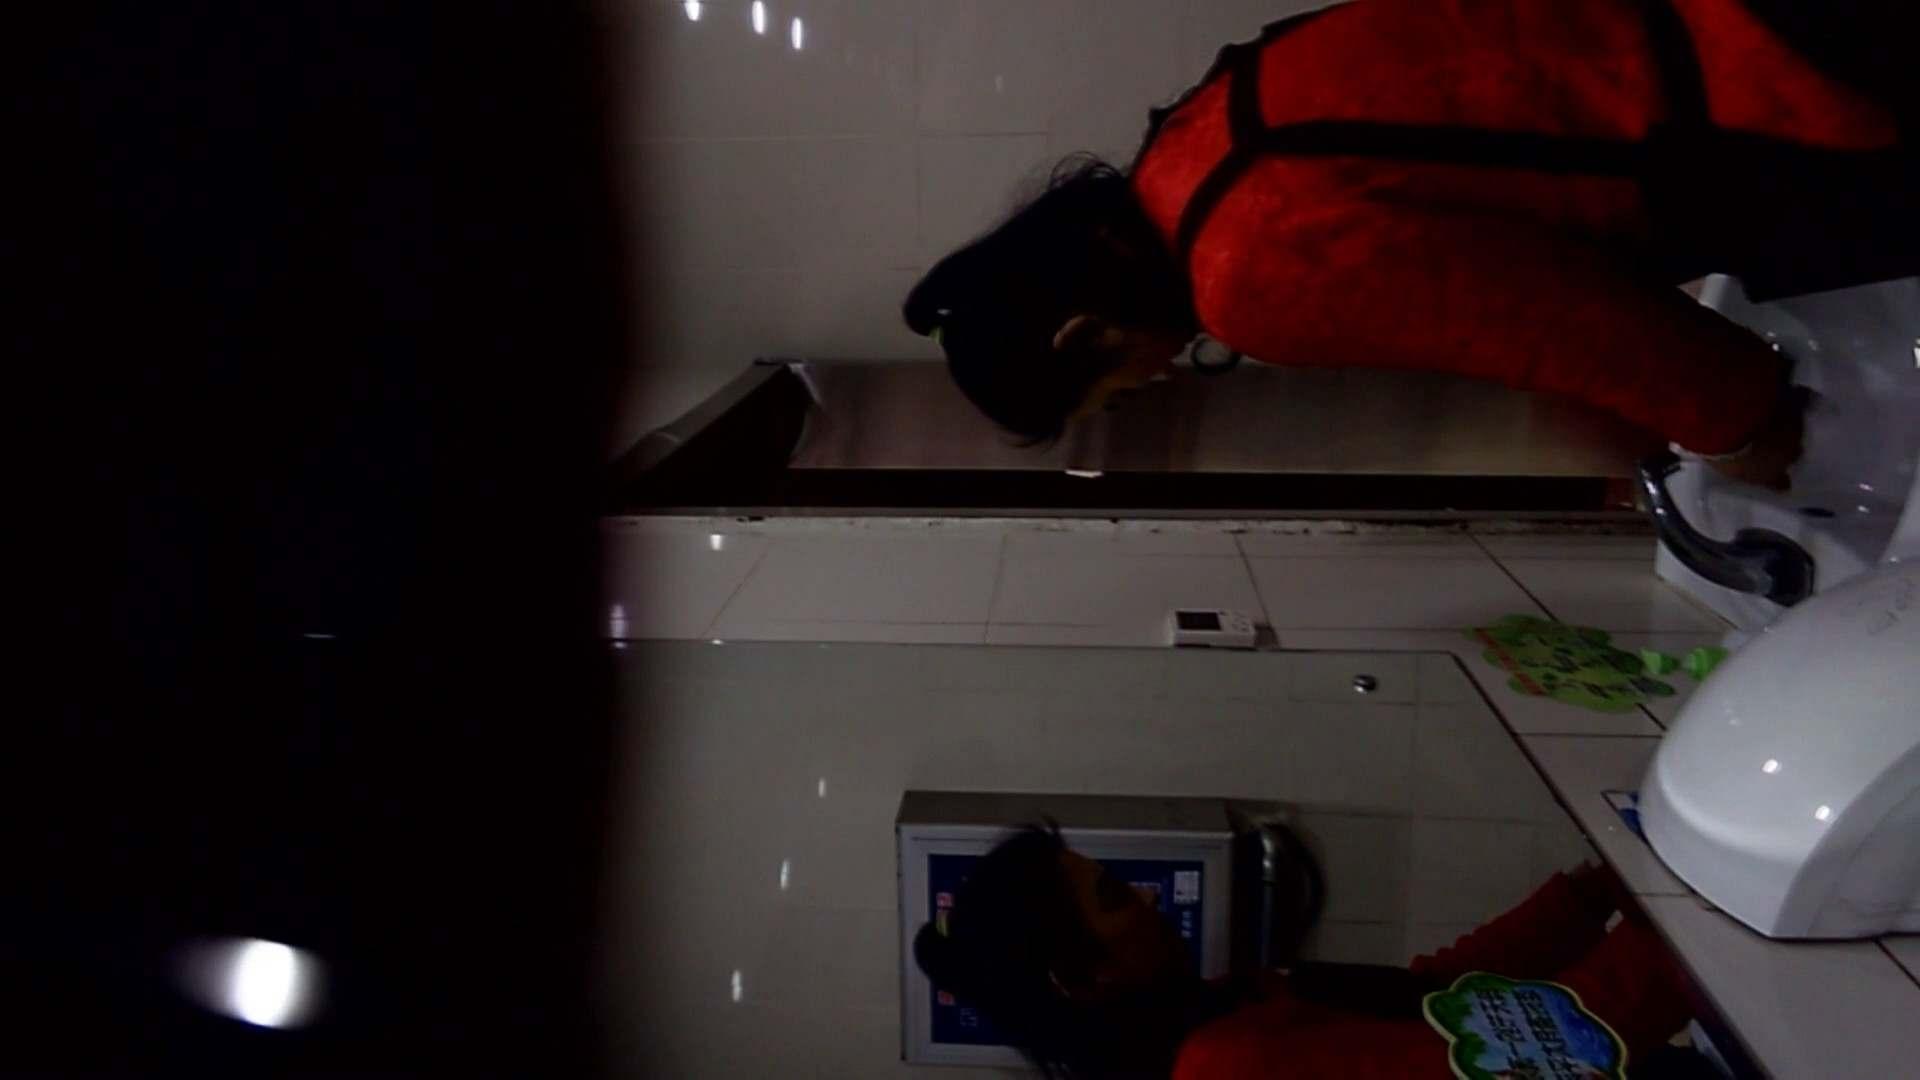 芸術大学ガチ潜入盗撮 JD盗撮 美女の洗面所の秘密 Vol.105 OLの実態 盗撮セックス無修正動画無料 29pic 20